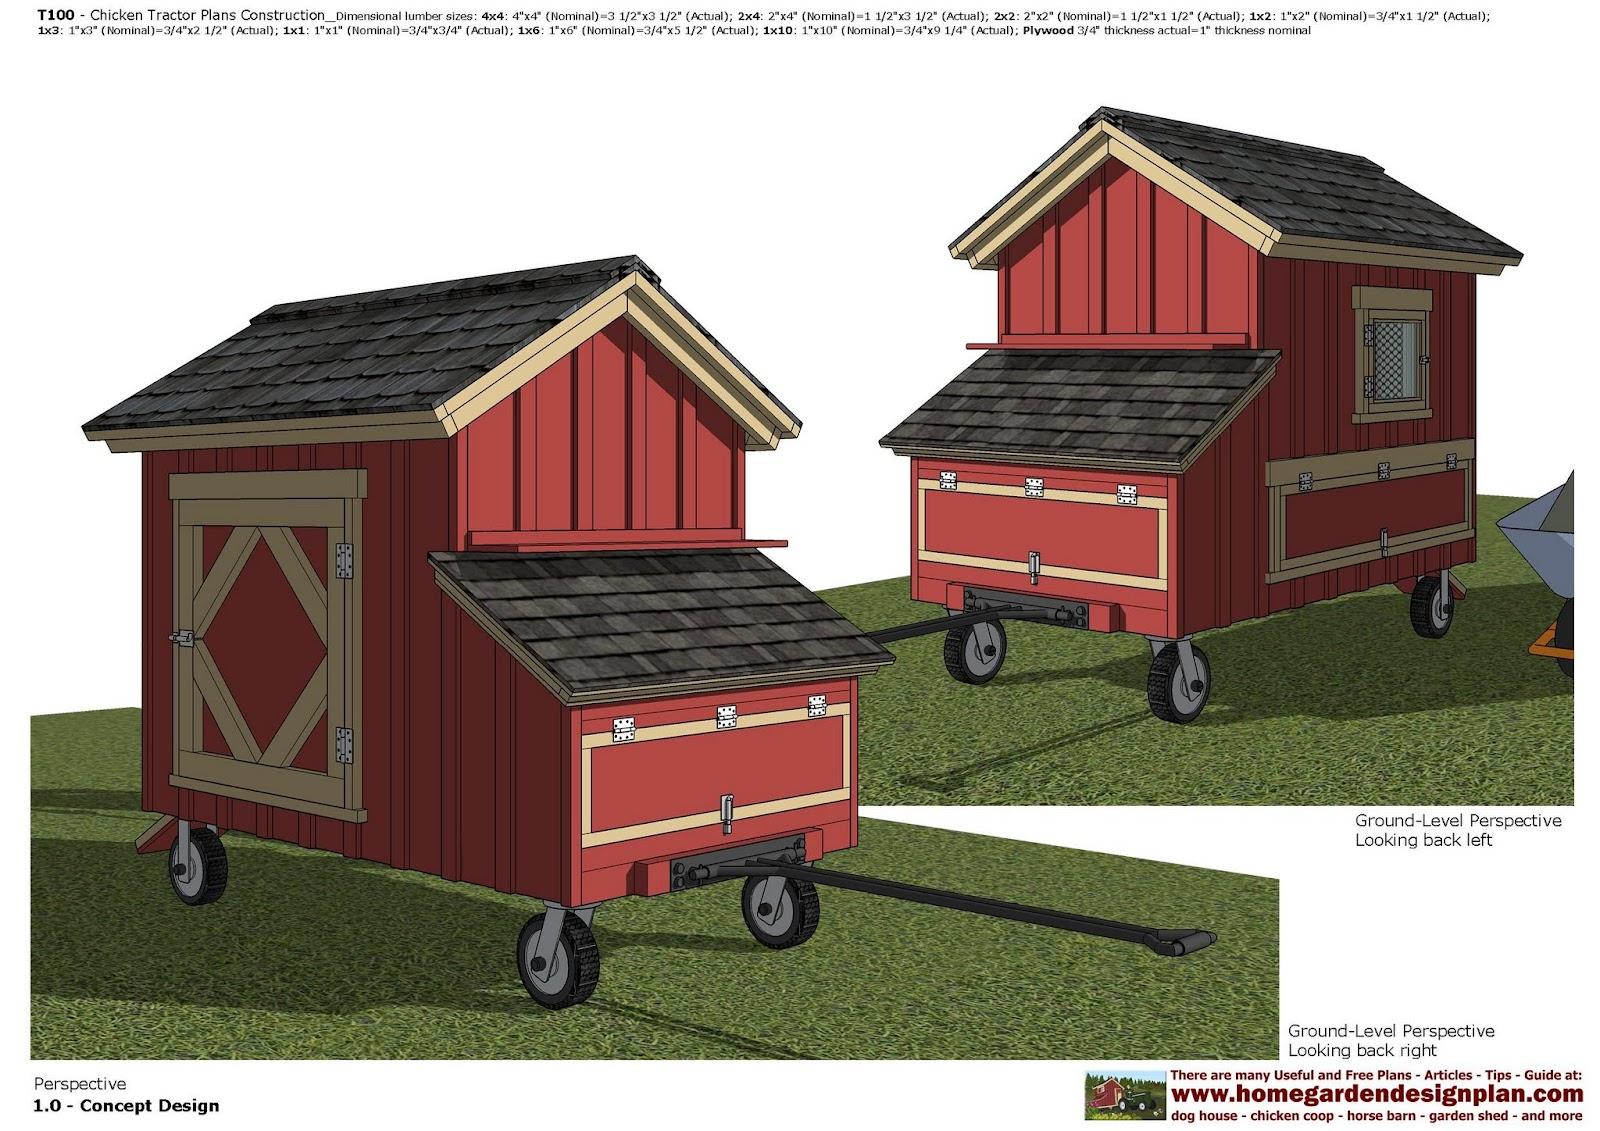 garden plans: T100 - Chicken Tractor Plans - Chicken Trailer Plans ...